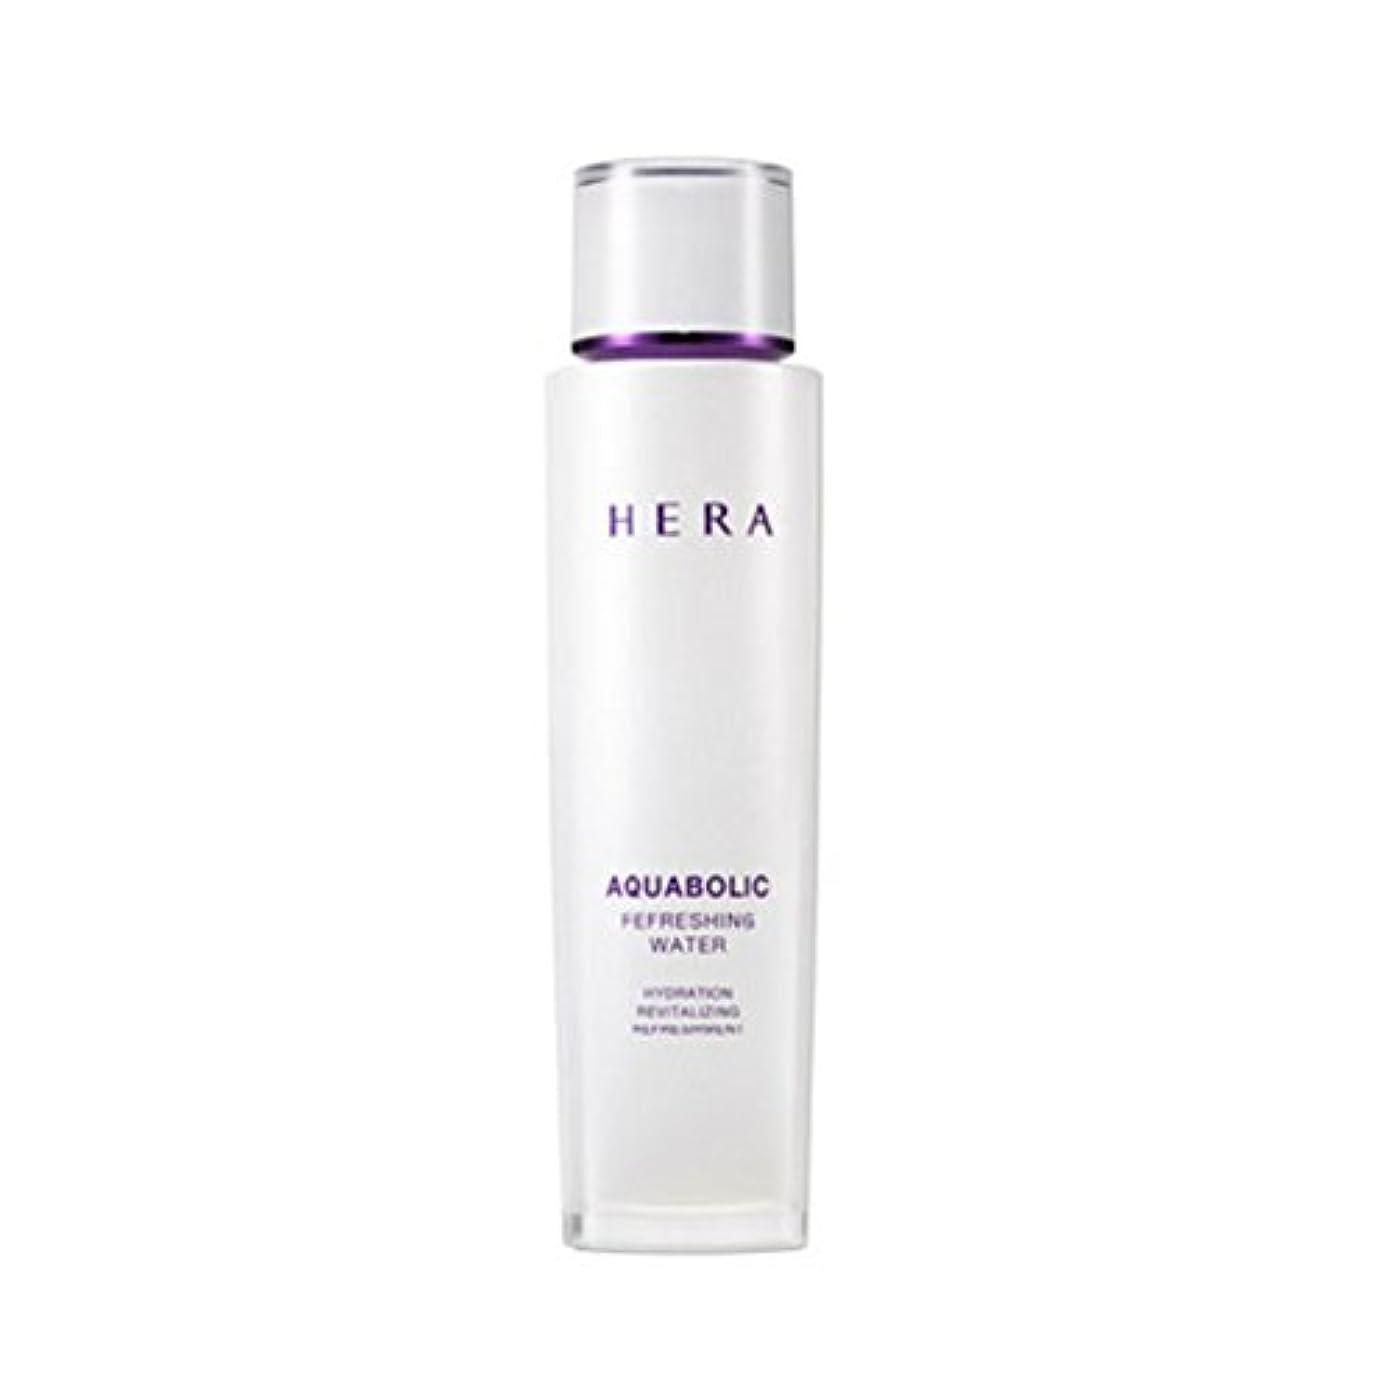 頑張る拘束投資する(ヘラ) HERA アクアボリック リフレッシングウォーター (化粧水) 150ml / Aquabolic Refreshing Water 150ml (韓国直発送)